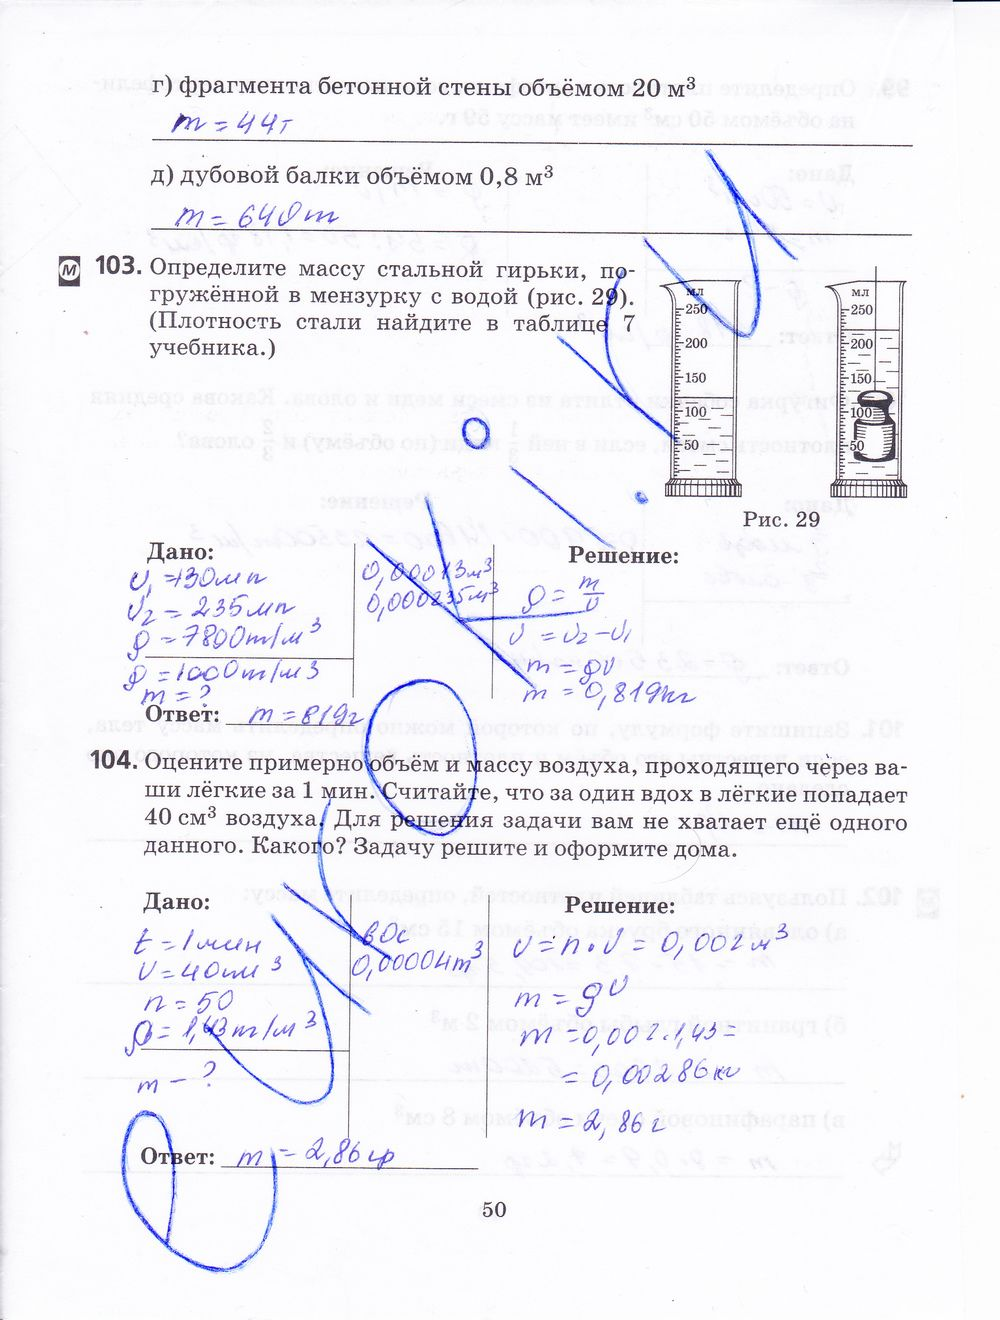 Тетрадь для лабораторных работ по физике 10 класс касьянов скачать